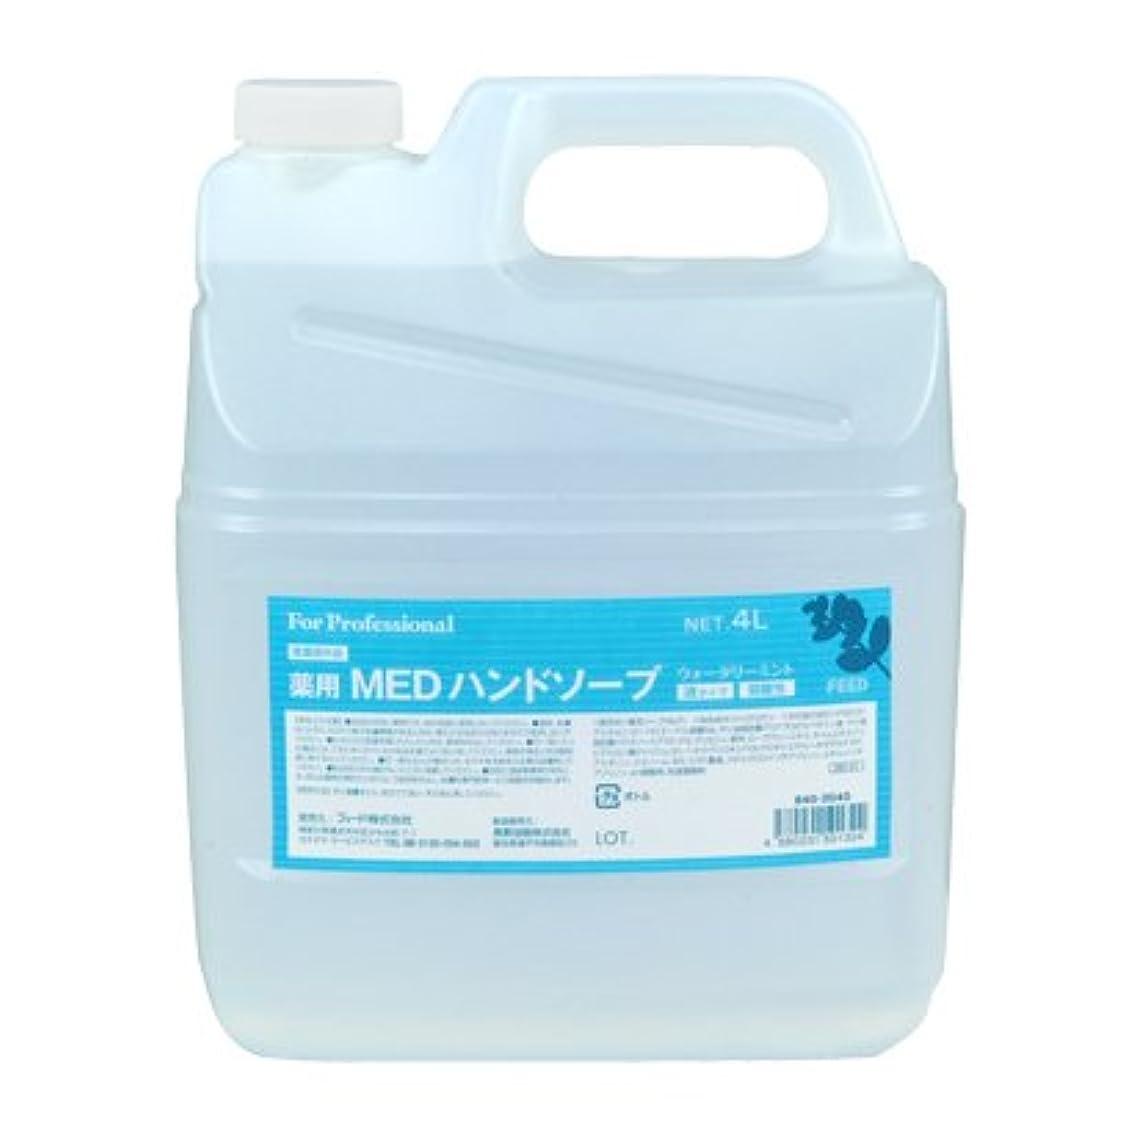 無数のモンク存在する【業務用】 FEED(フィード) 薬用 MEDハンドソープ 液タイプ/4L詰替用 ハンドソープ(液タイプ) 入数 1本